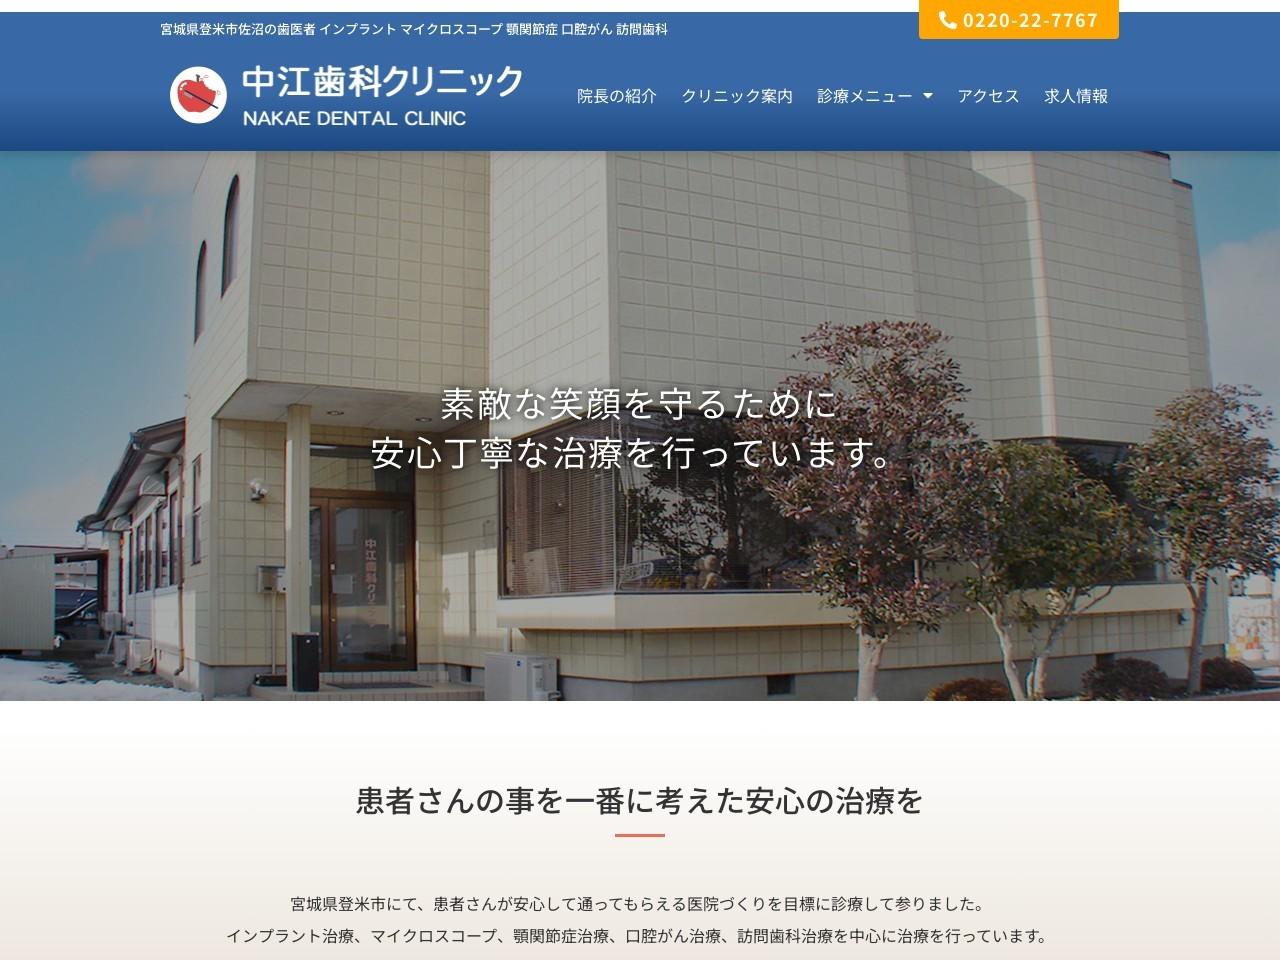 医療法人理仁会  中江歯科クリニック (宮城県登米市)